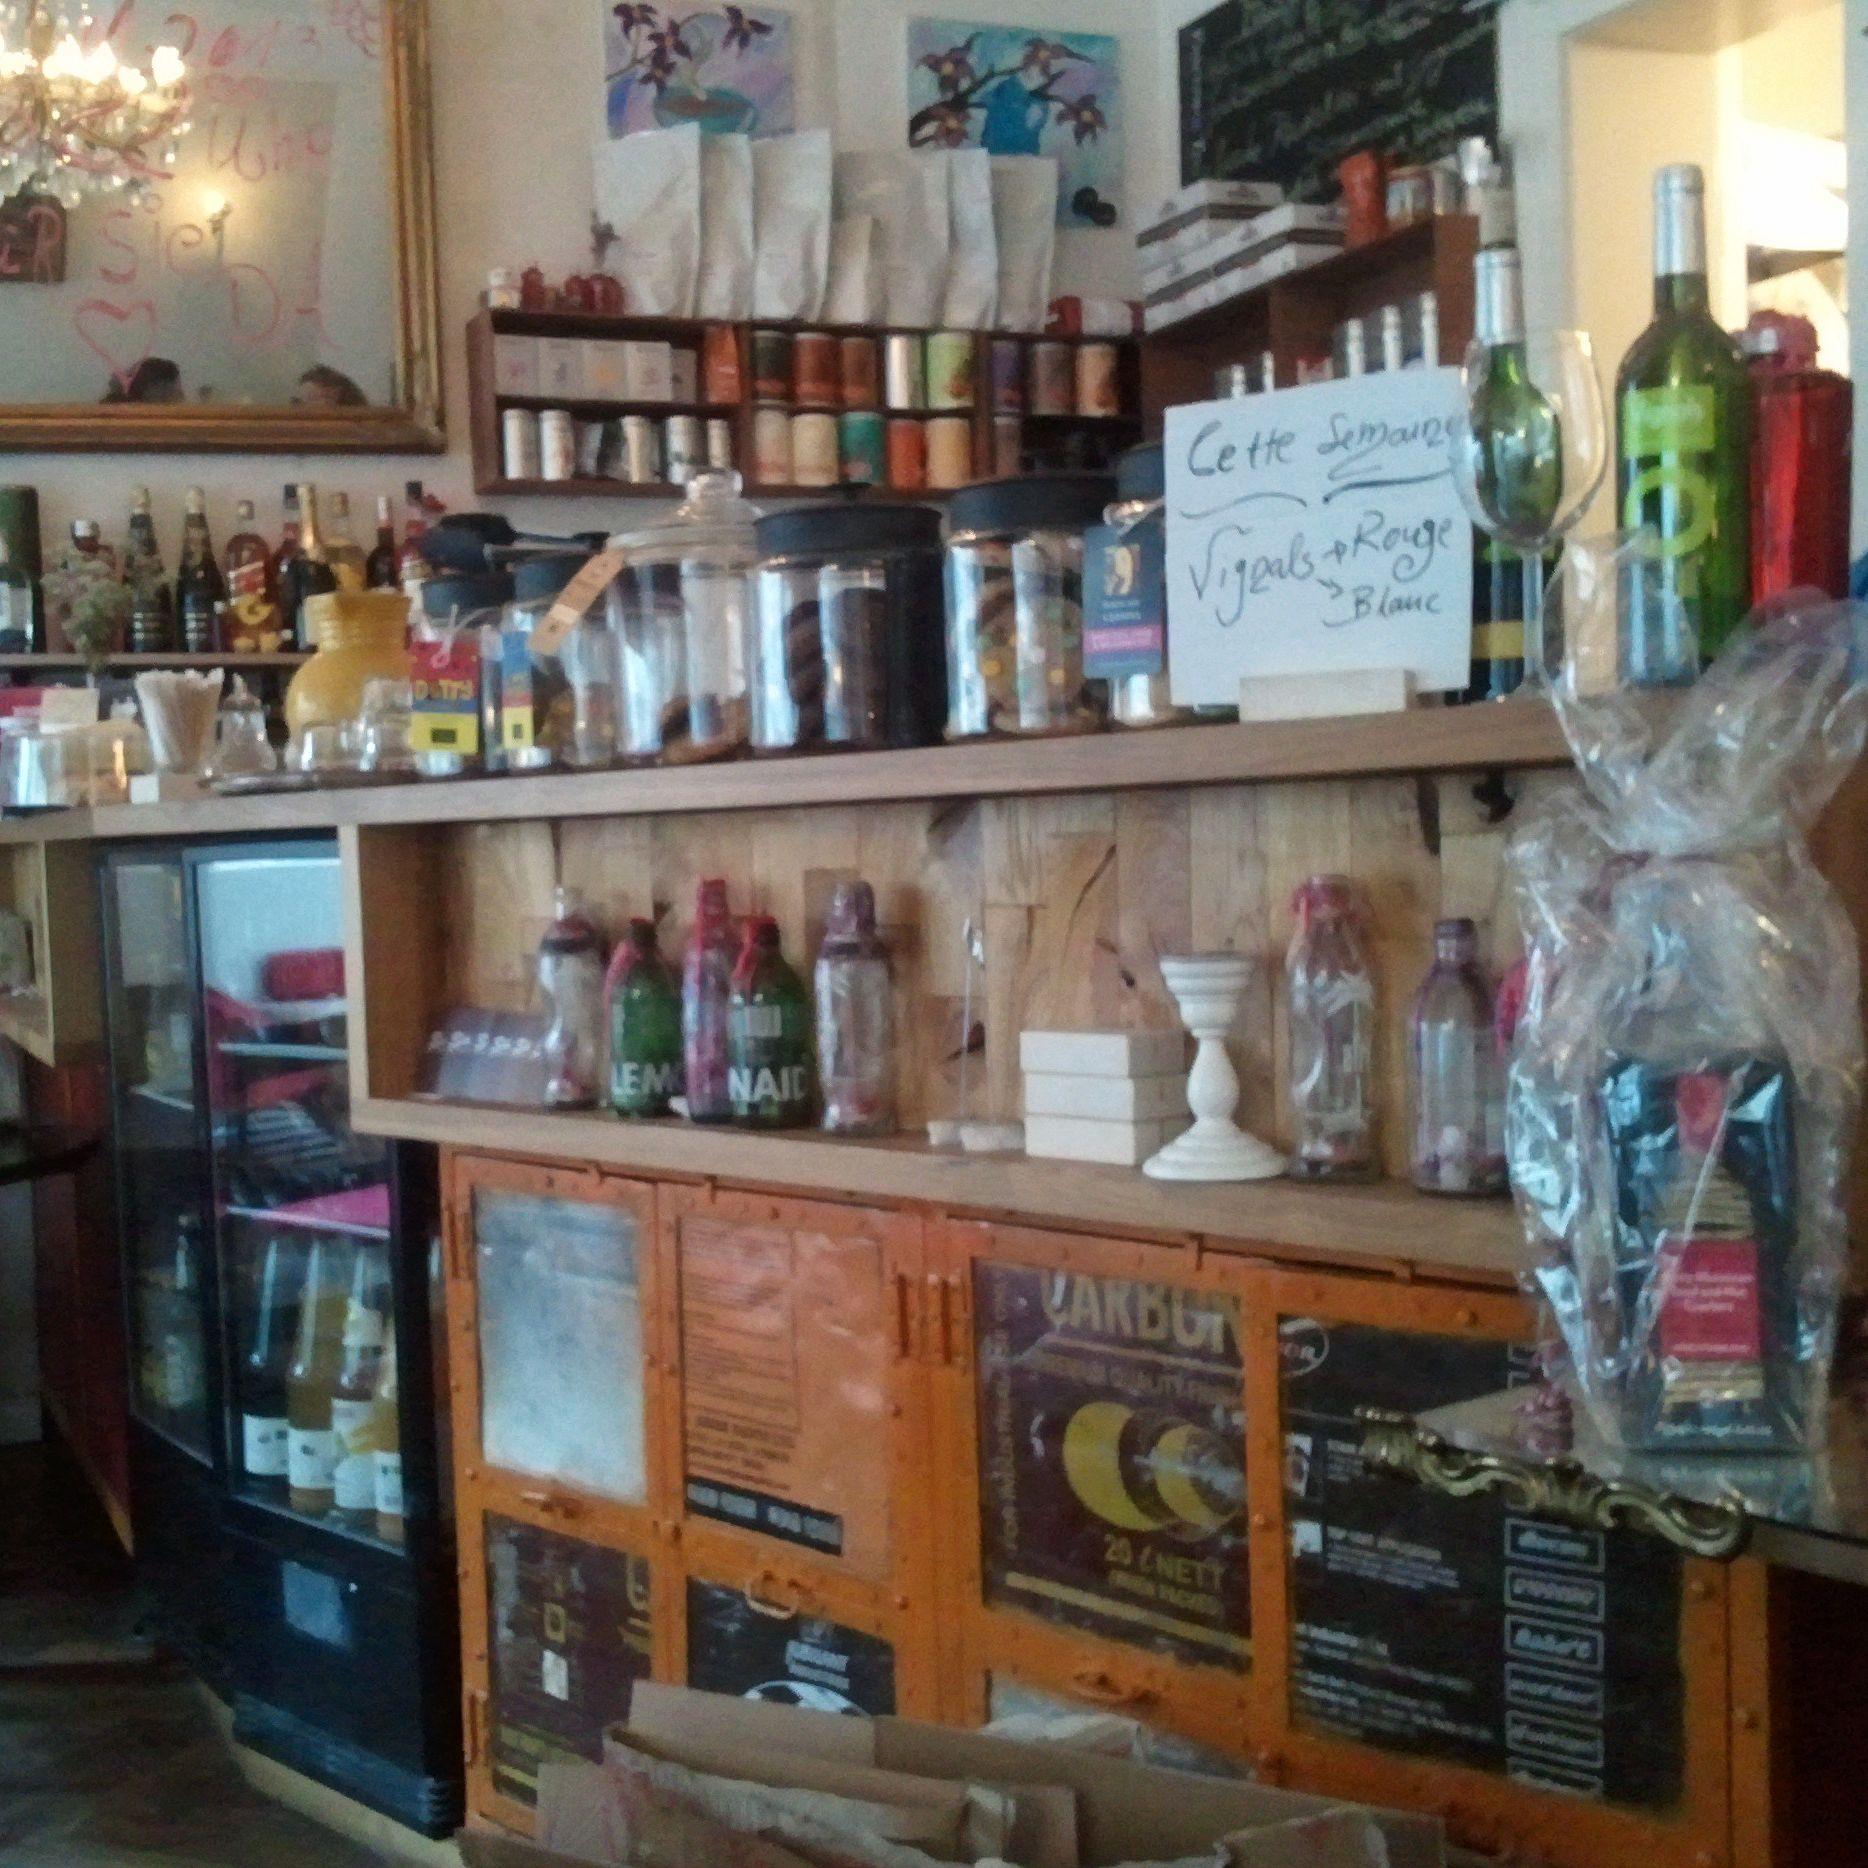 Kuriositätencafé und Teeladen: Das Sobicocoa in Schwabing